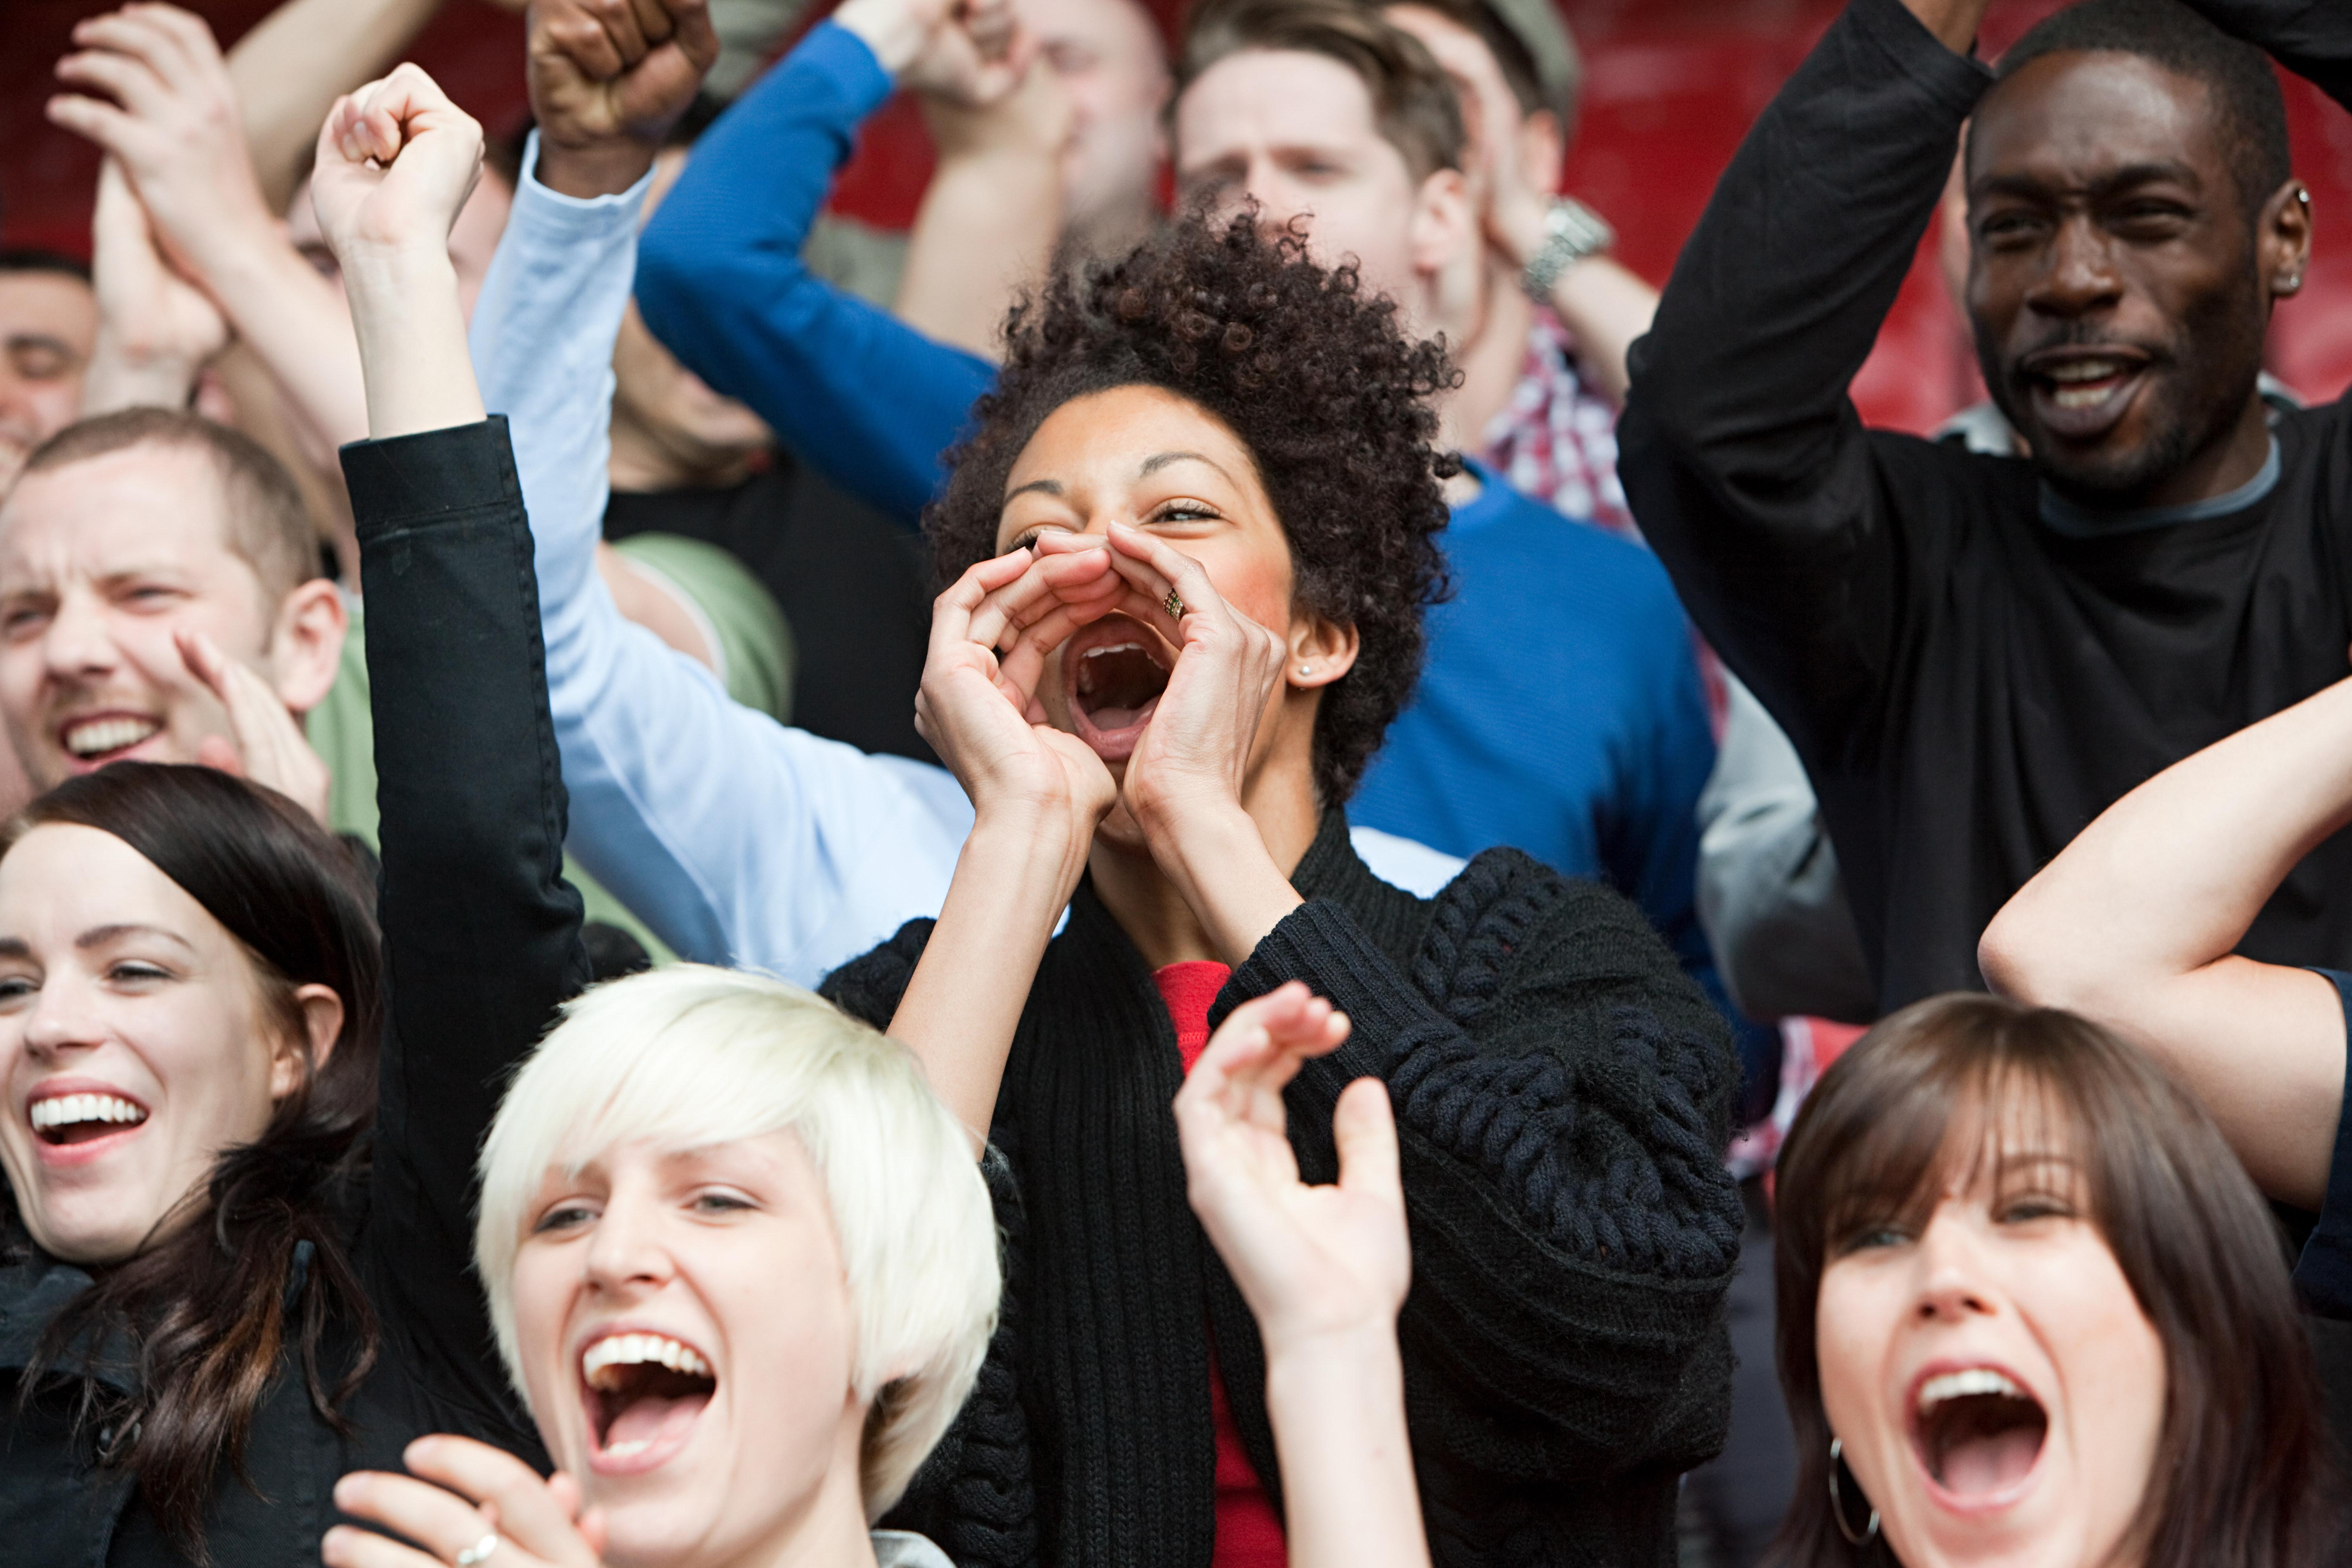 Fodbold, fans, undersøgelse, Booking .com. (Foto: PR)